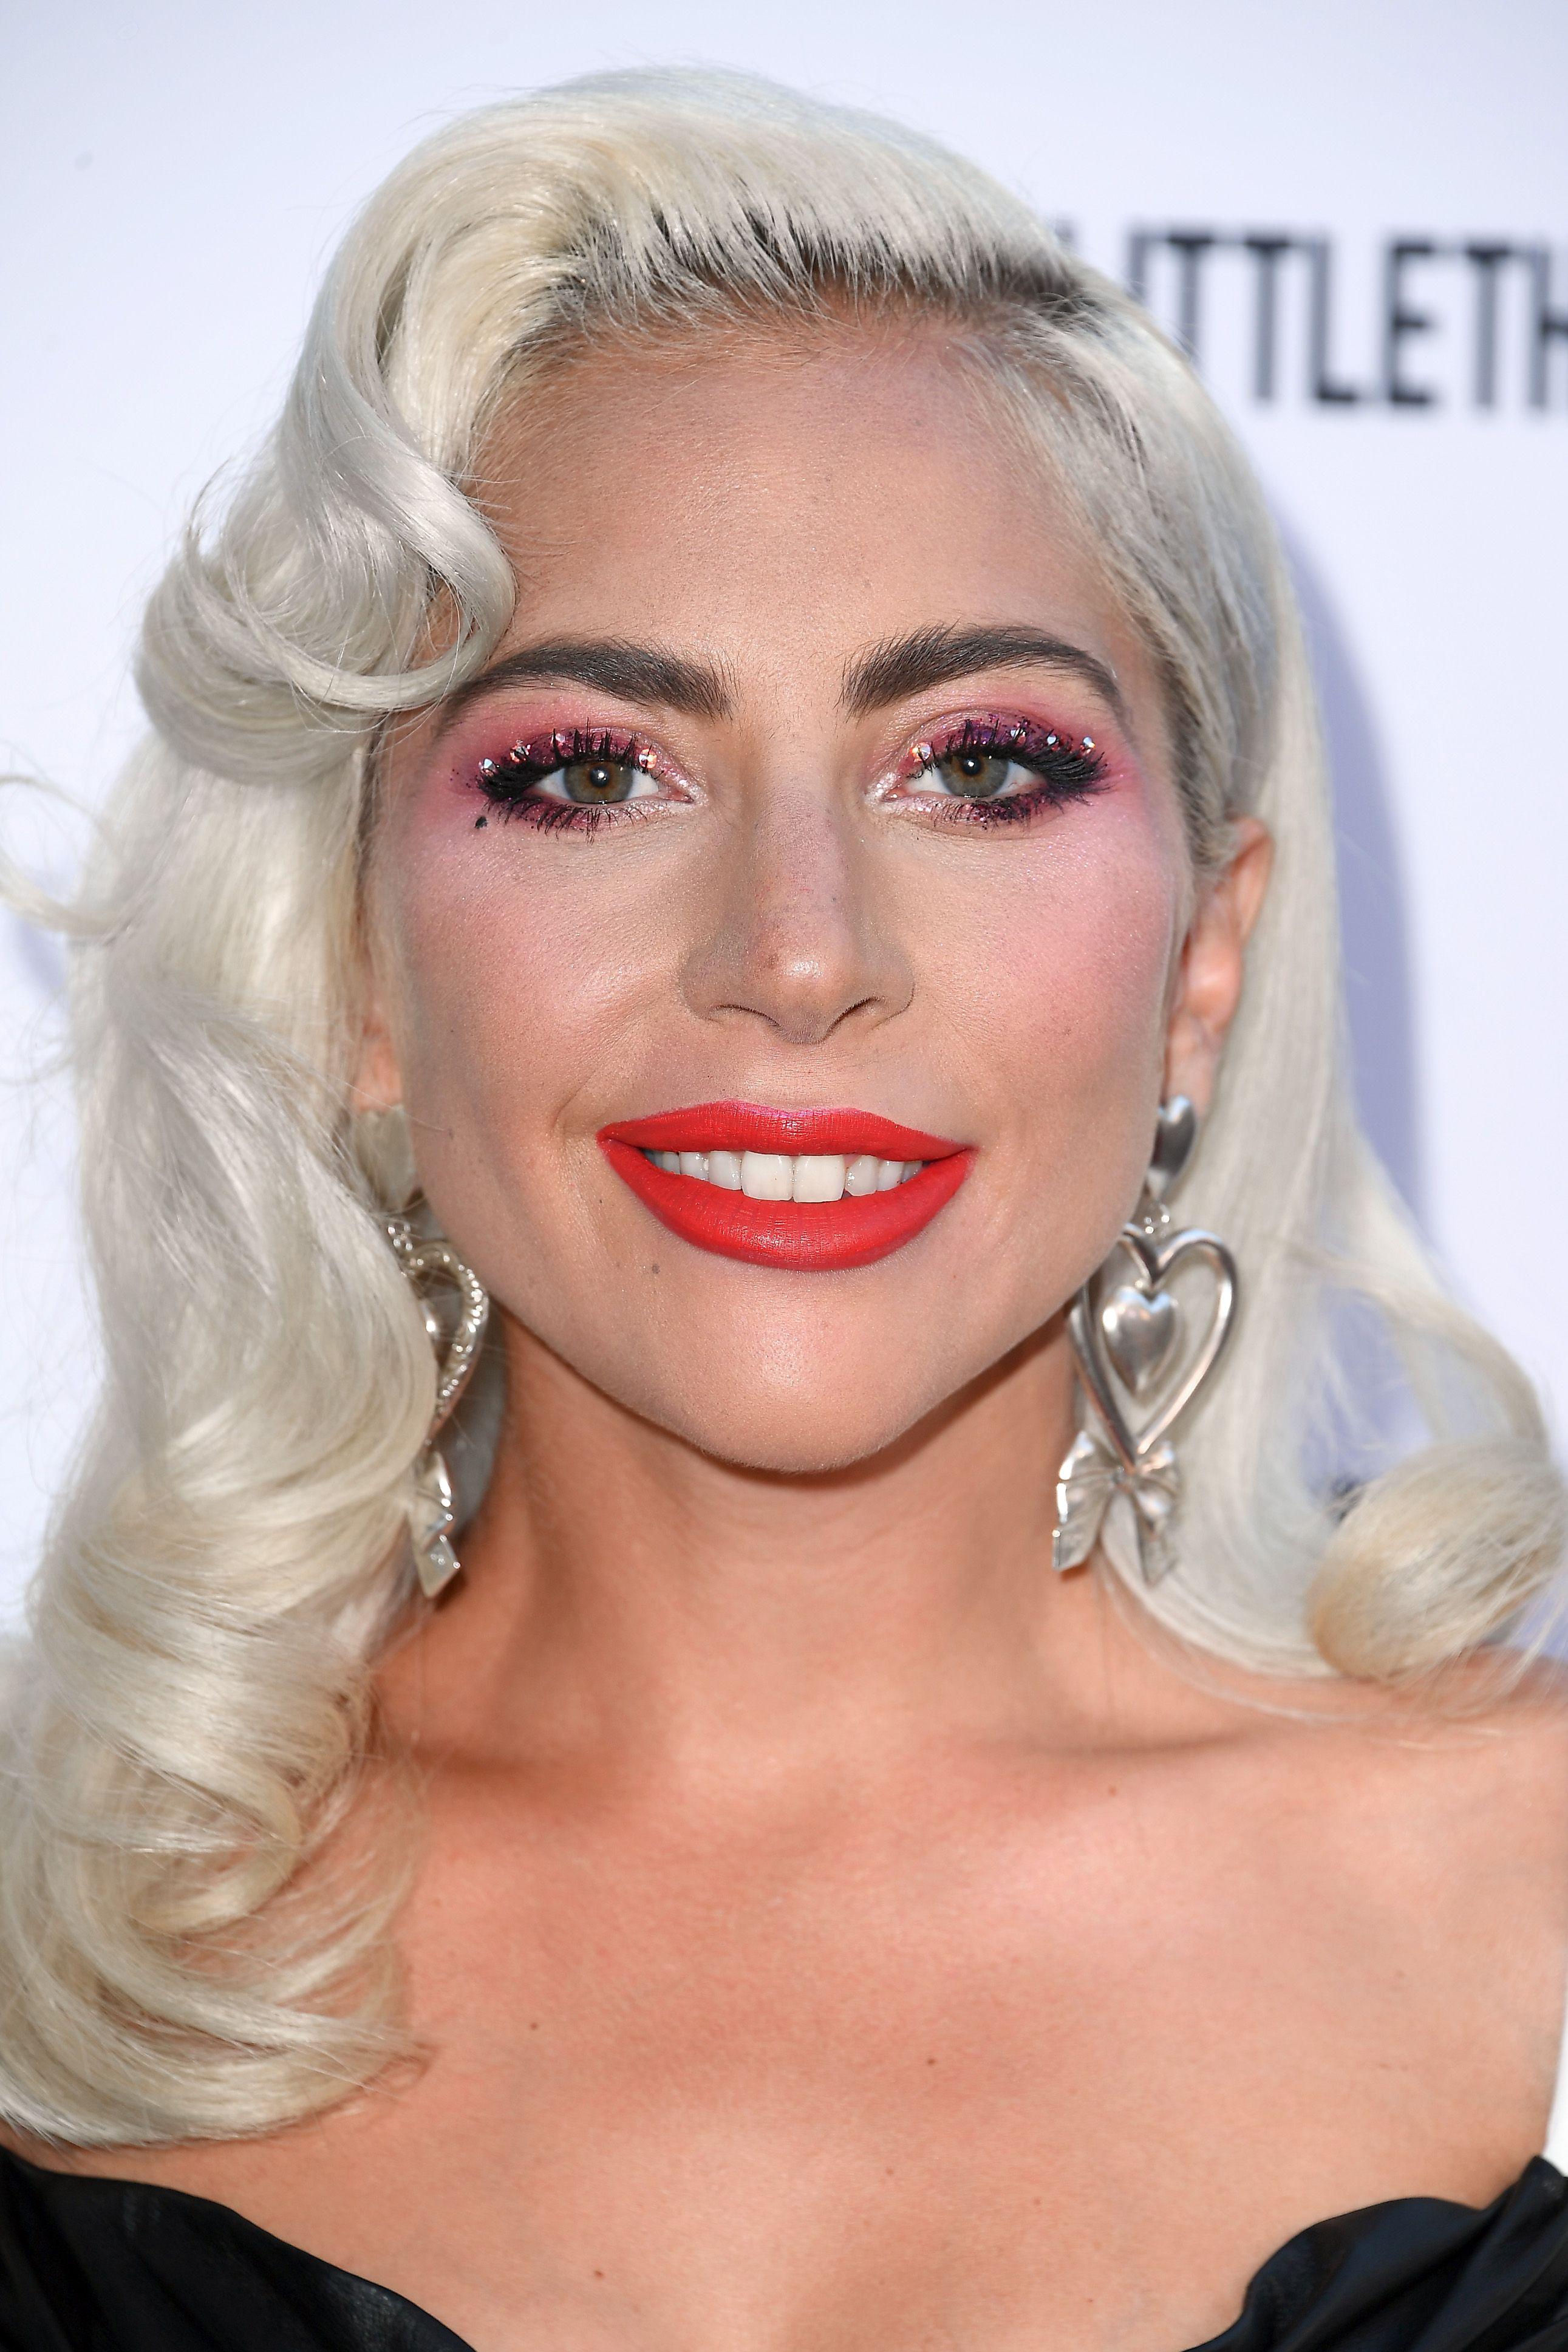 Lady Gaga - Cute Blonde Hair Color Ideas